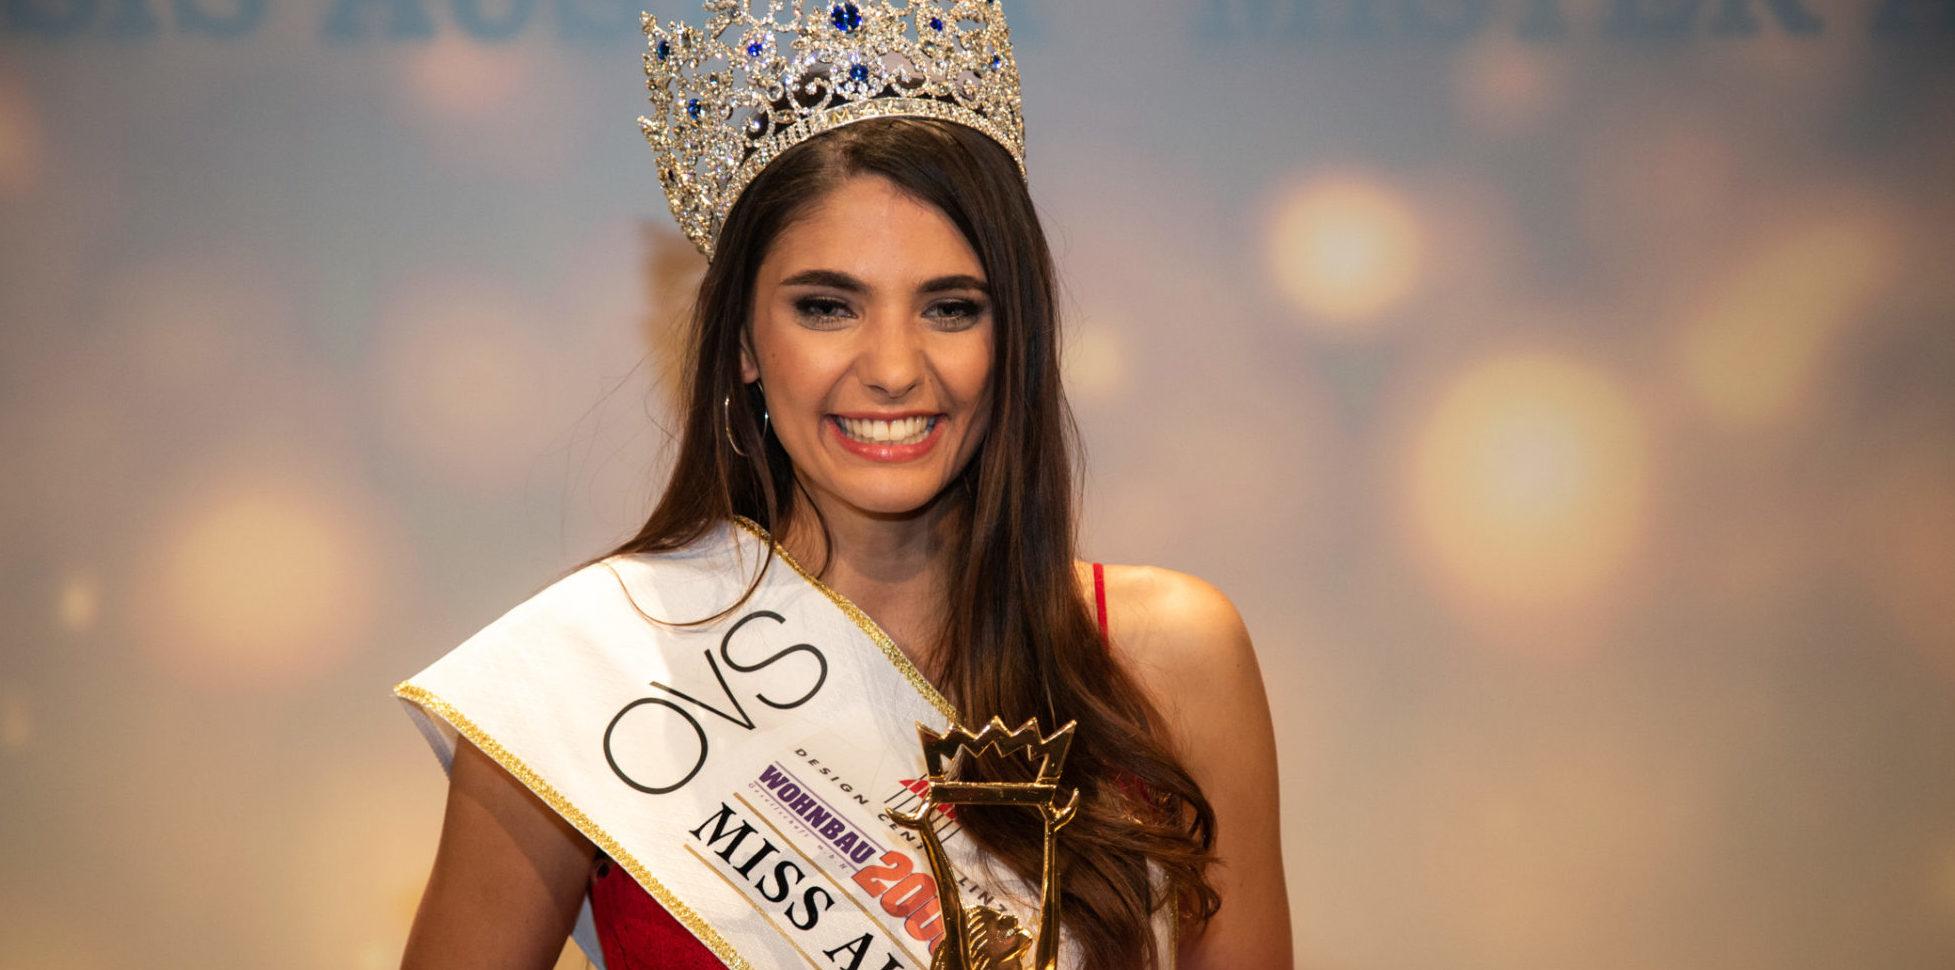 Miss Austria Tot